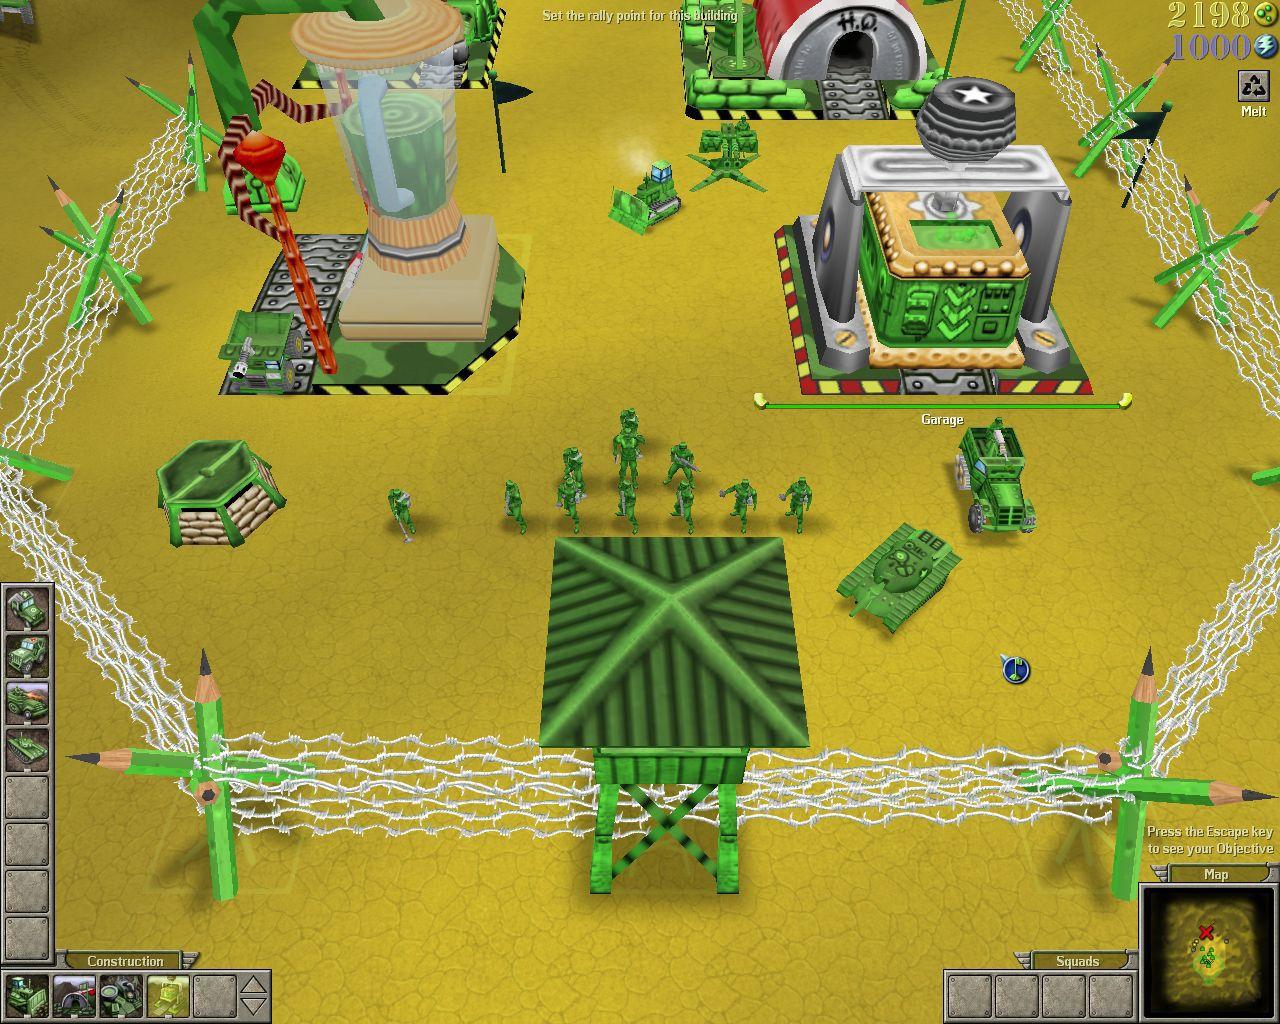 تحميل اللعبة الاستراتيجية Army Men RTS بحجم خفيف